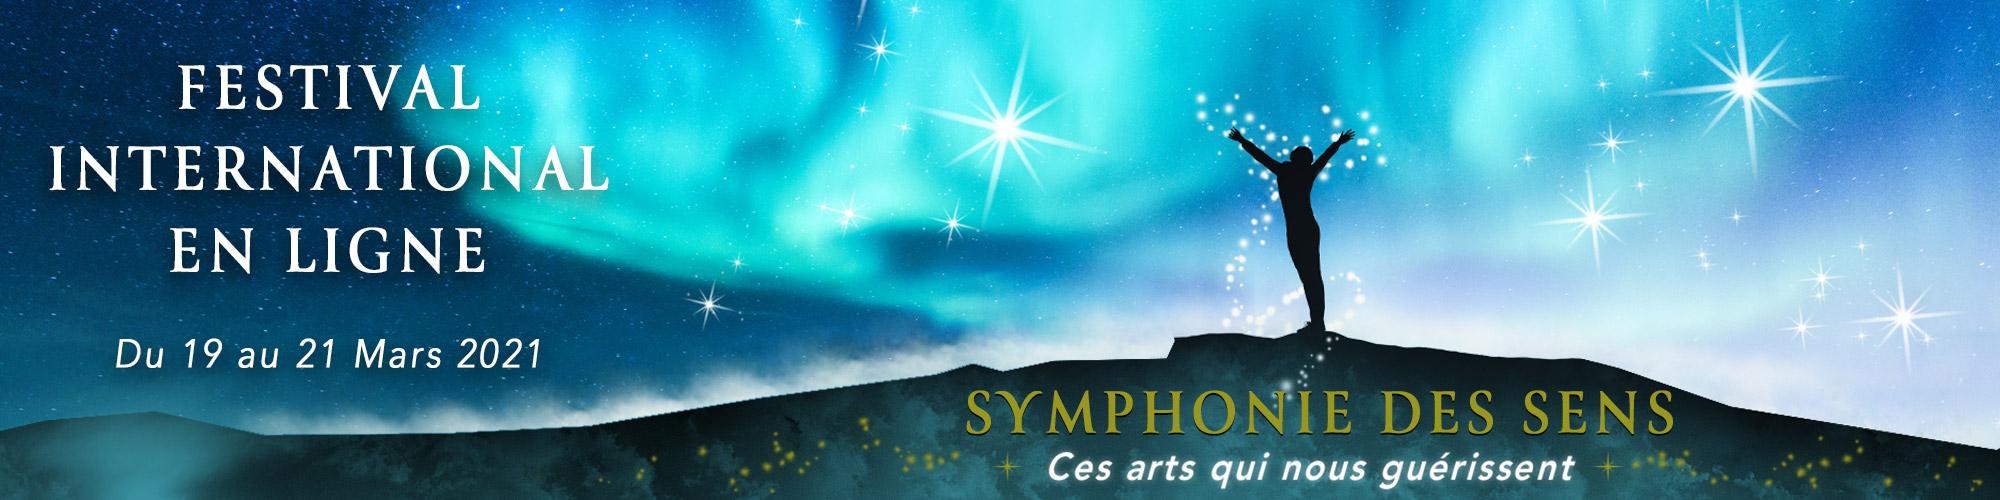 Festival Symphonie des Se,s